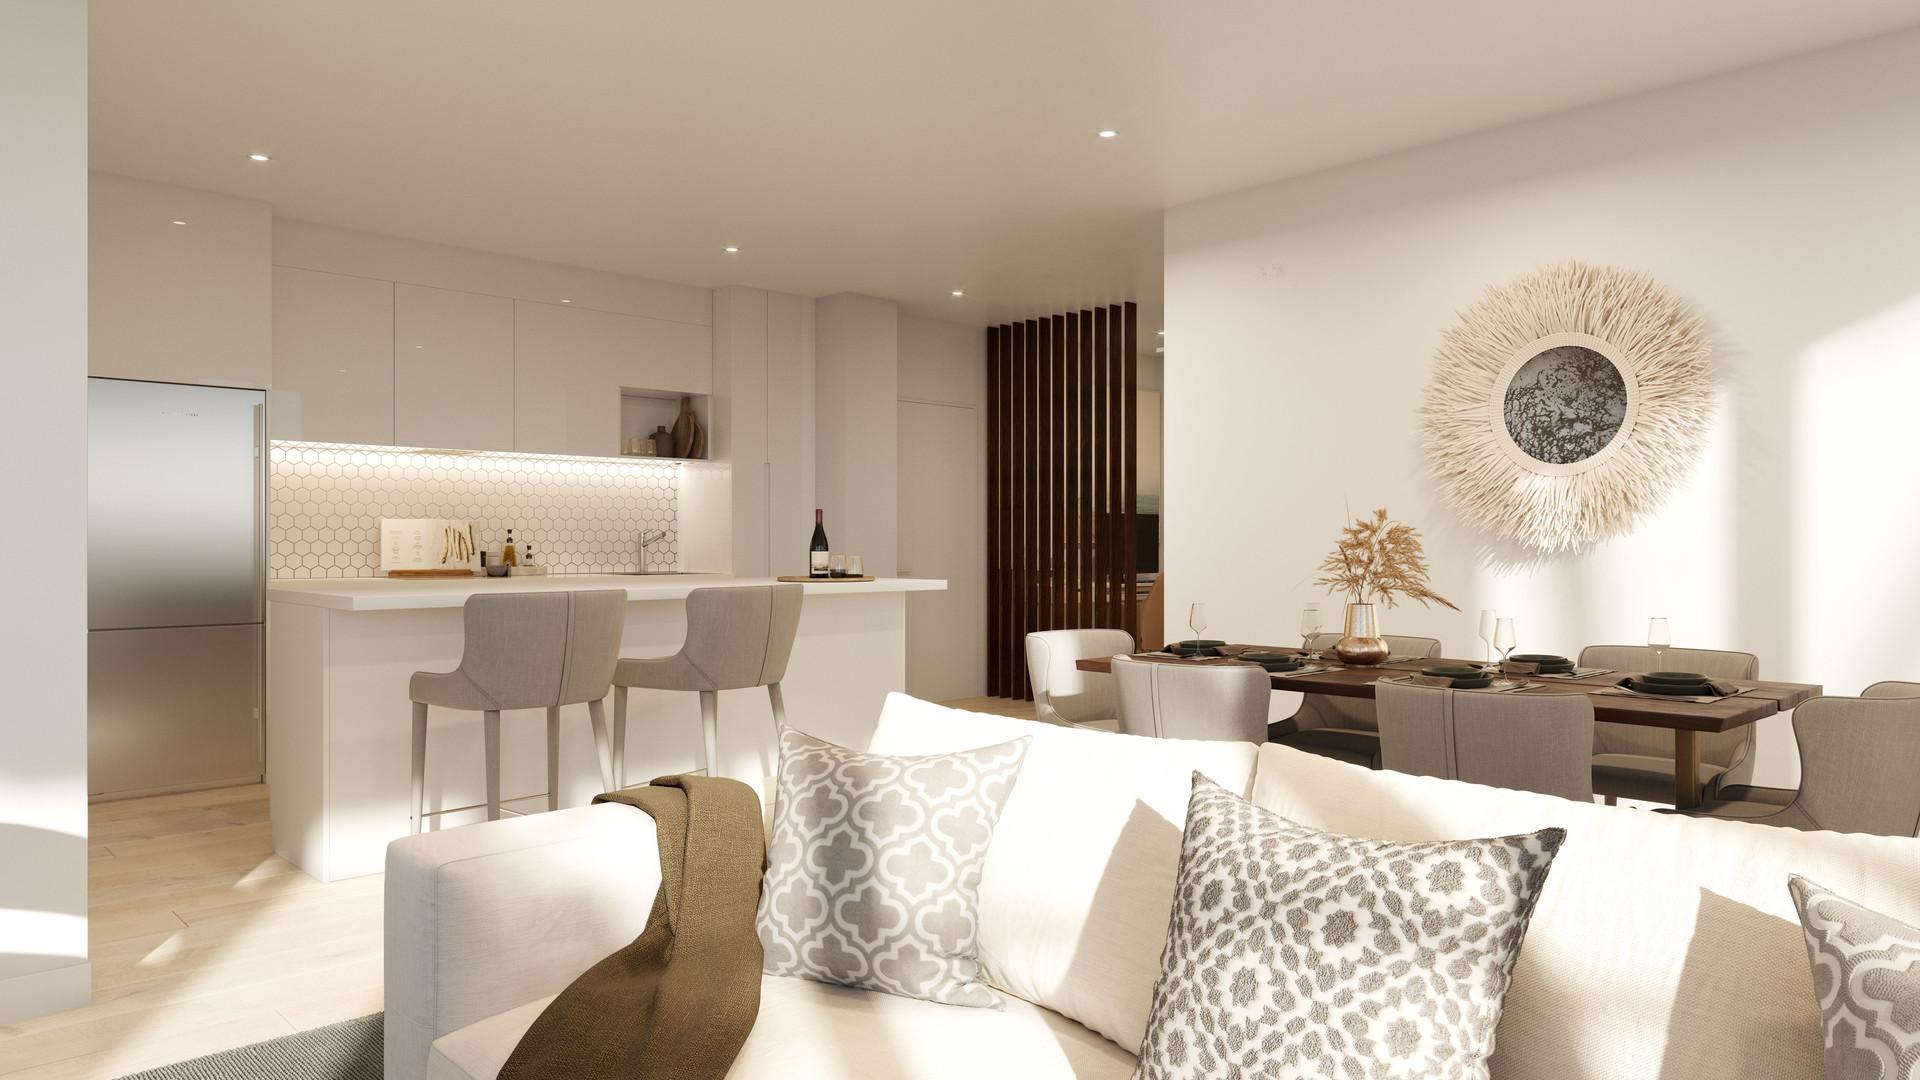 3 Bedroom Kitchen Render.jpg